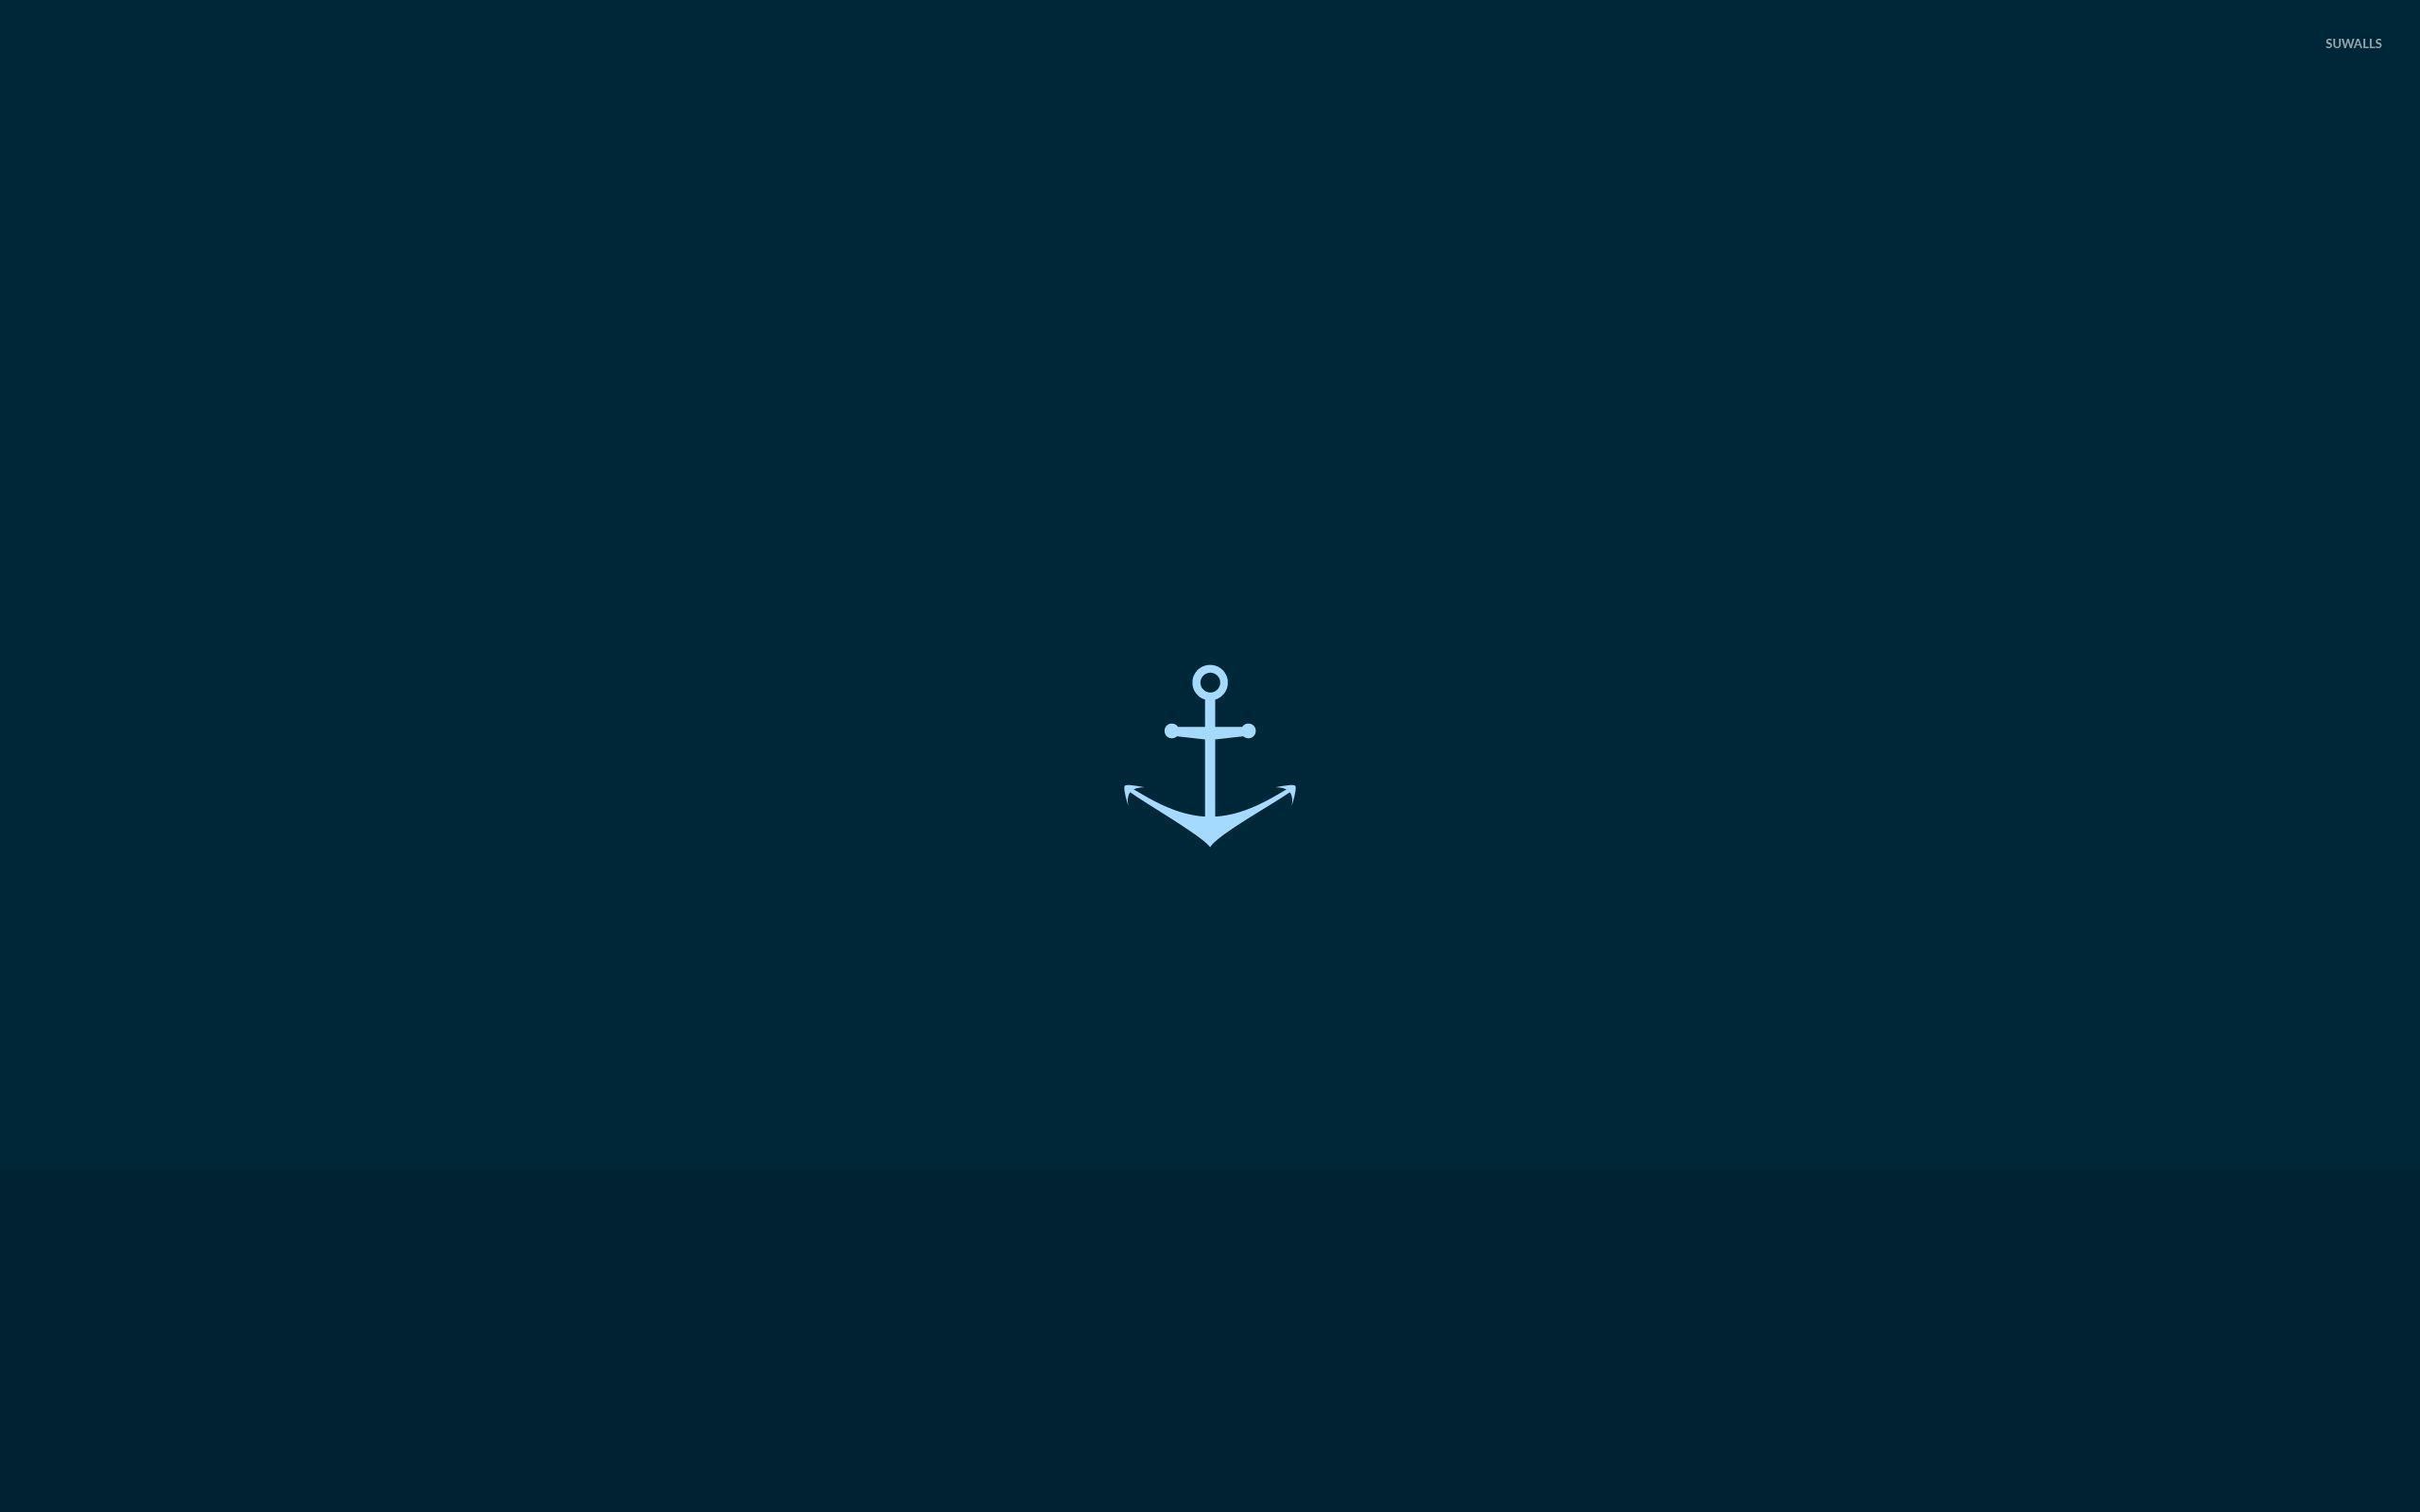 anchor desktop wallpaper - photo #8